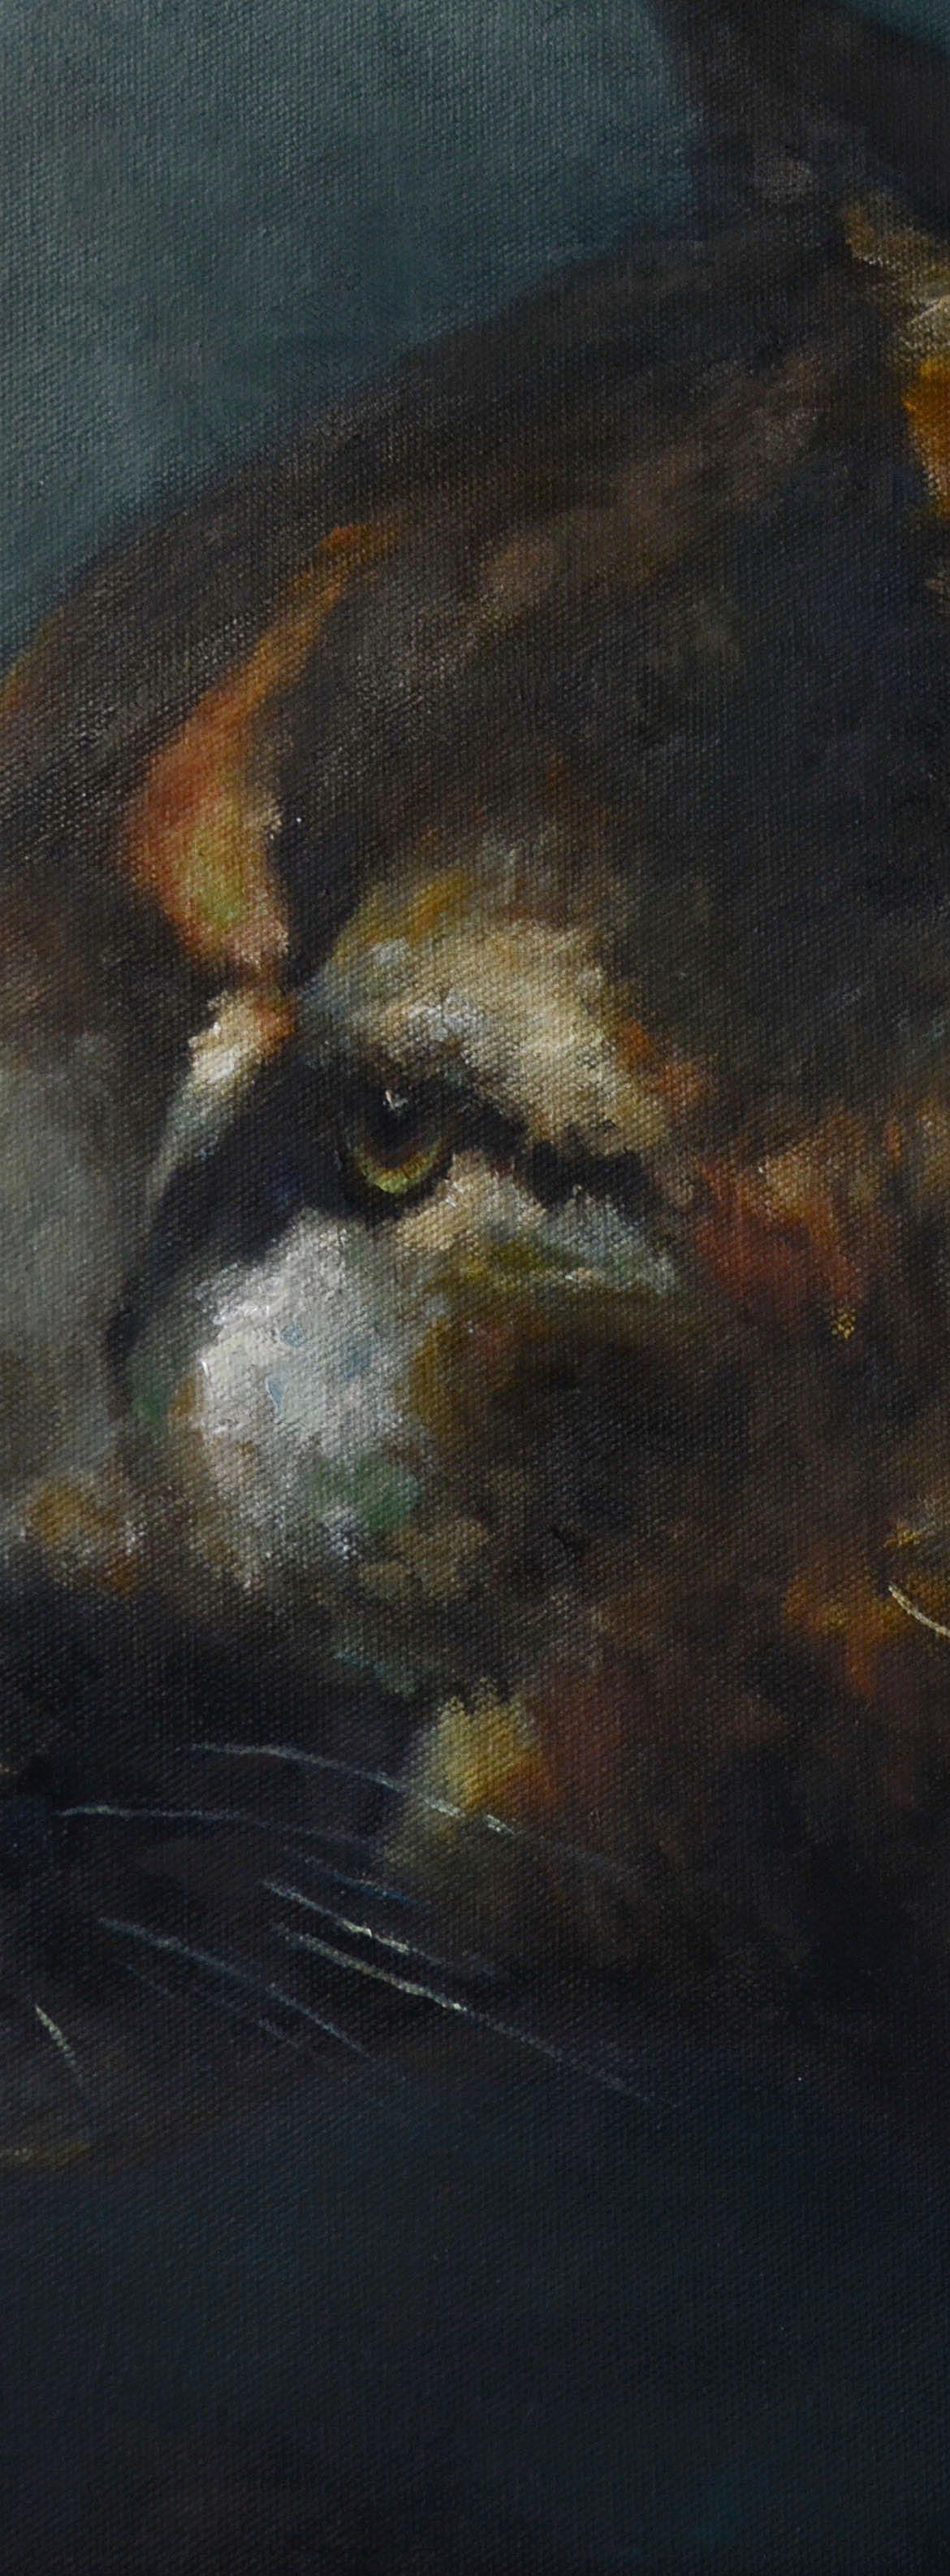 Night Stalker, Jim Hollon, Painting, Rogoway Gallery